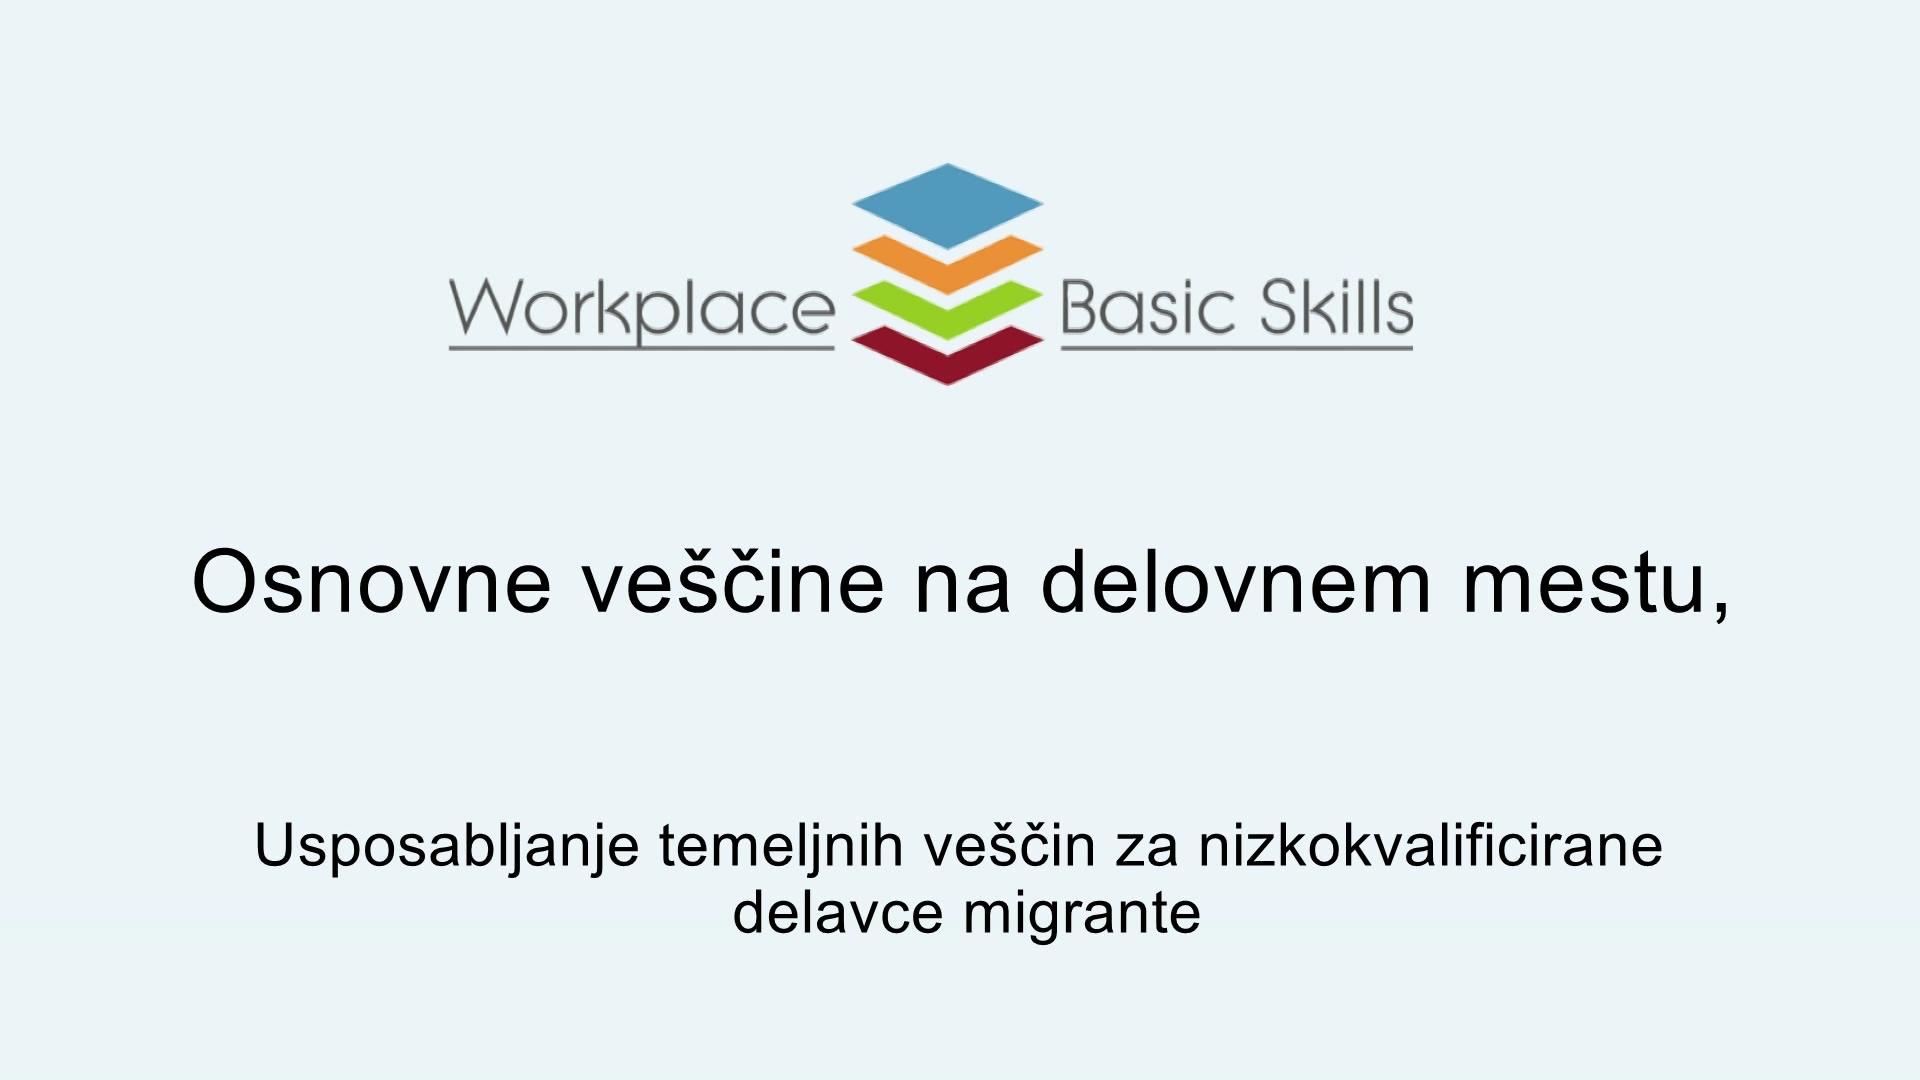 Osnovne veščine na delovnem mestu